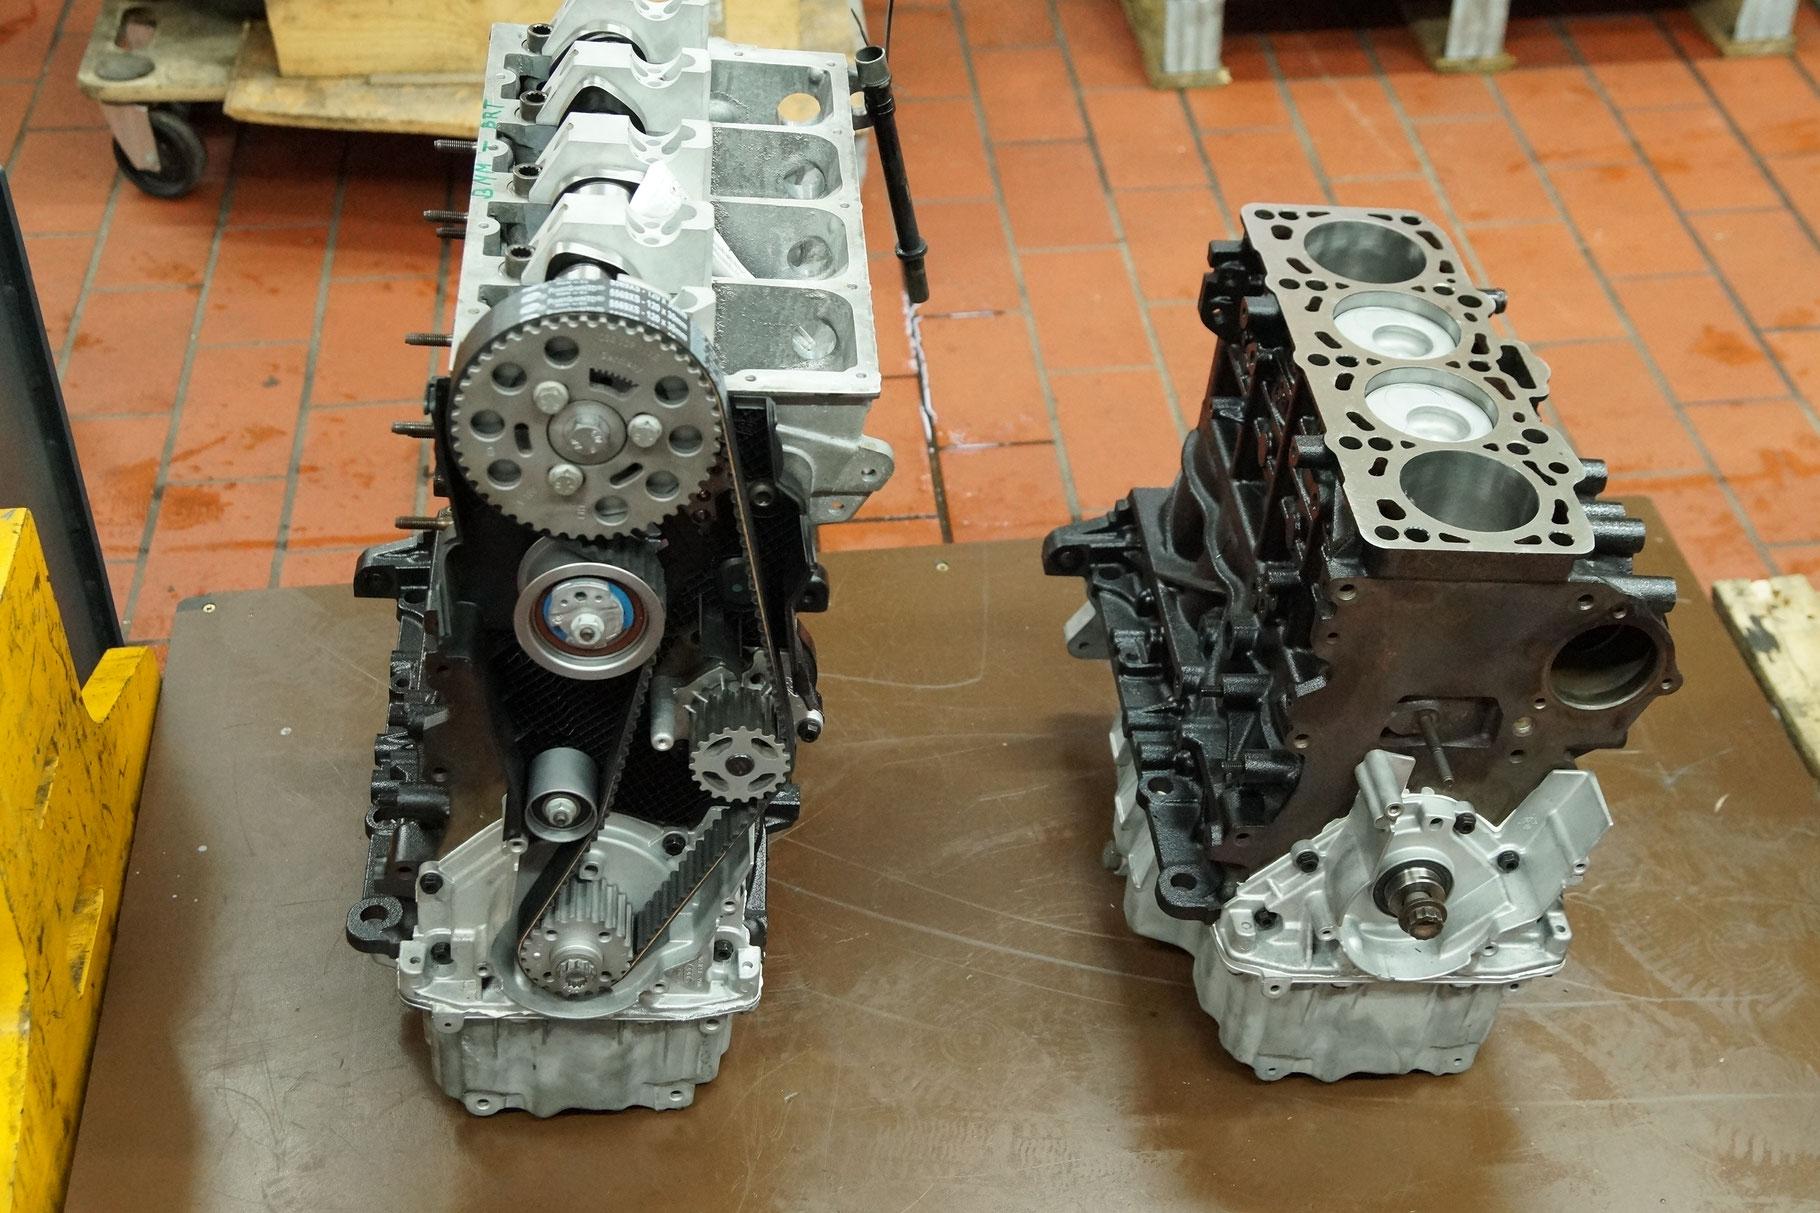 instandgesetzte motoren 2.0 tdi - motorversands webseite!